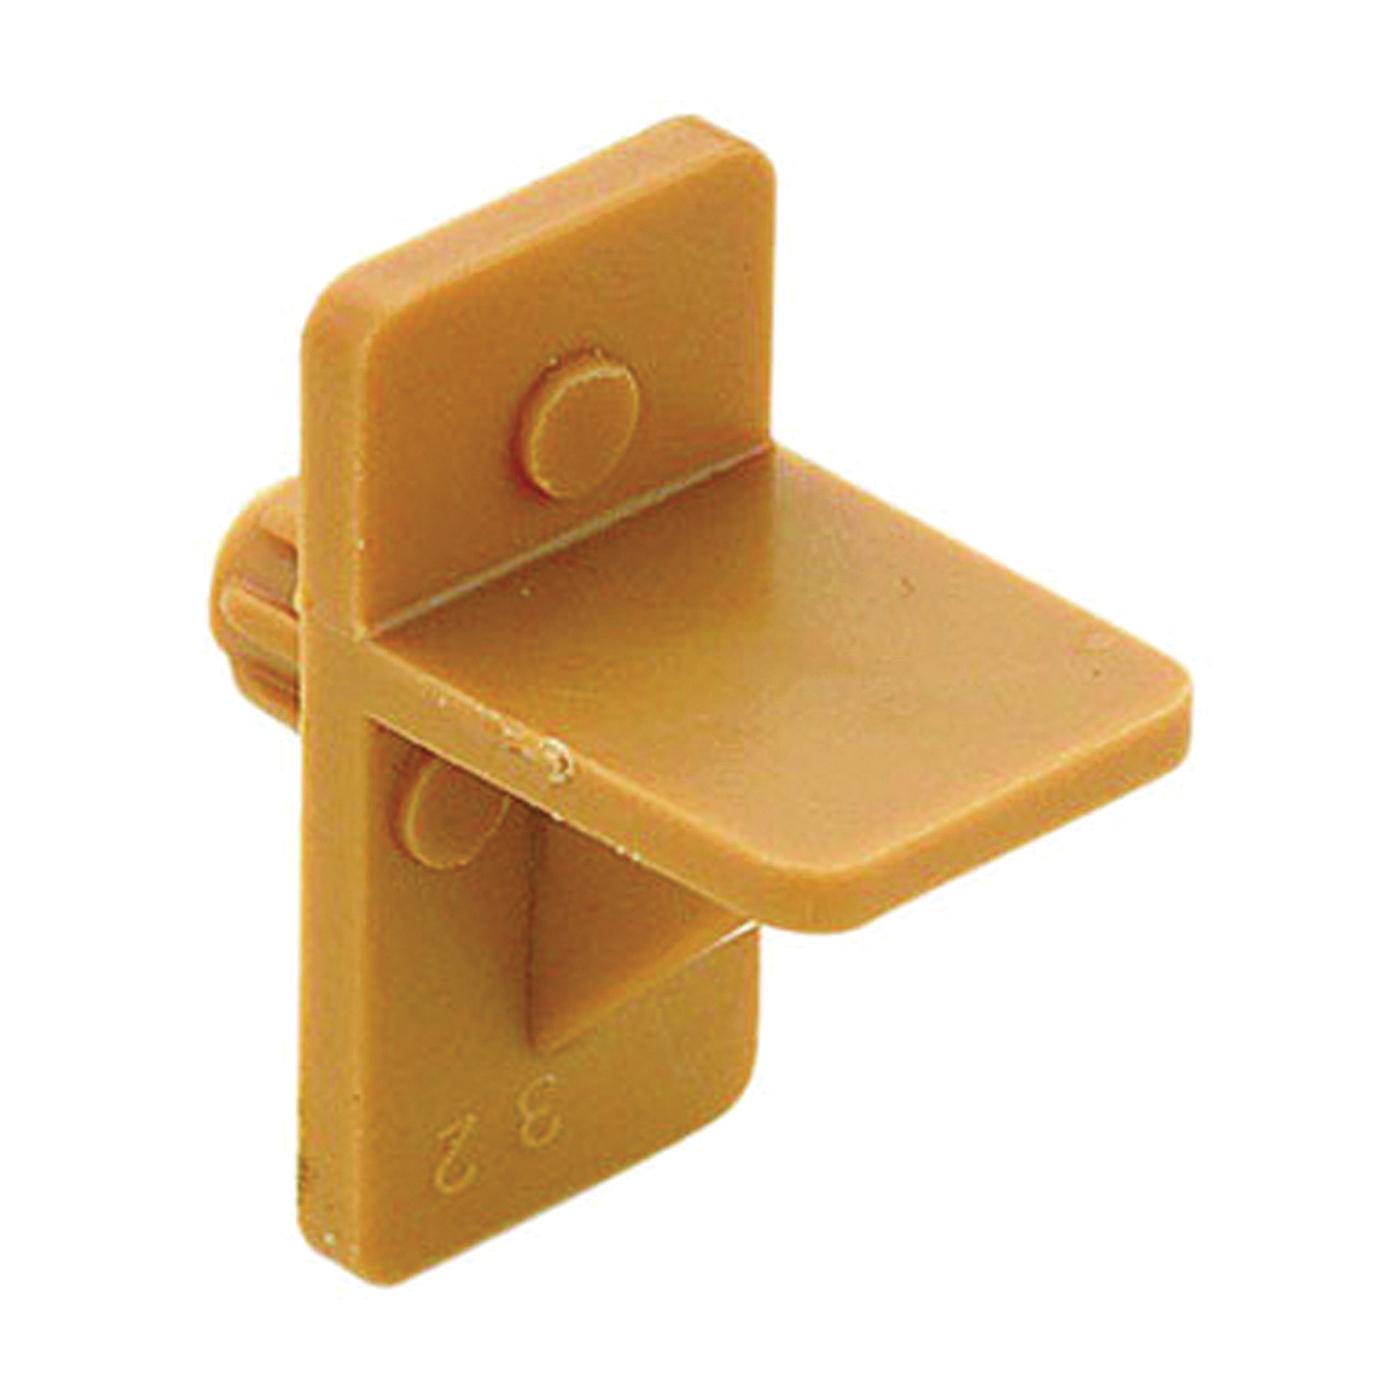 Picture of Knape & Vogt 335P PLAS Shelf Support Pin, Plastic, Tan, 12